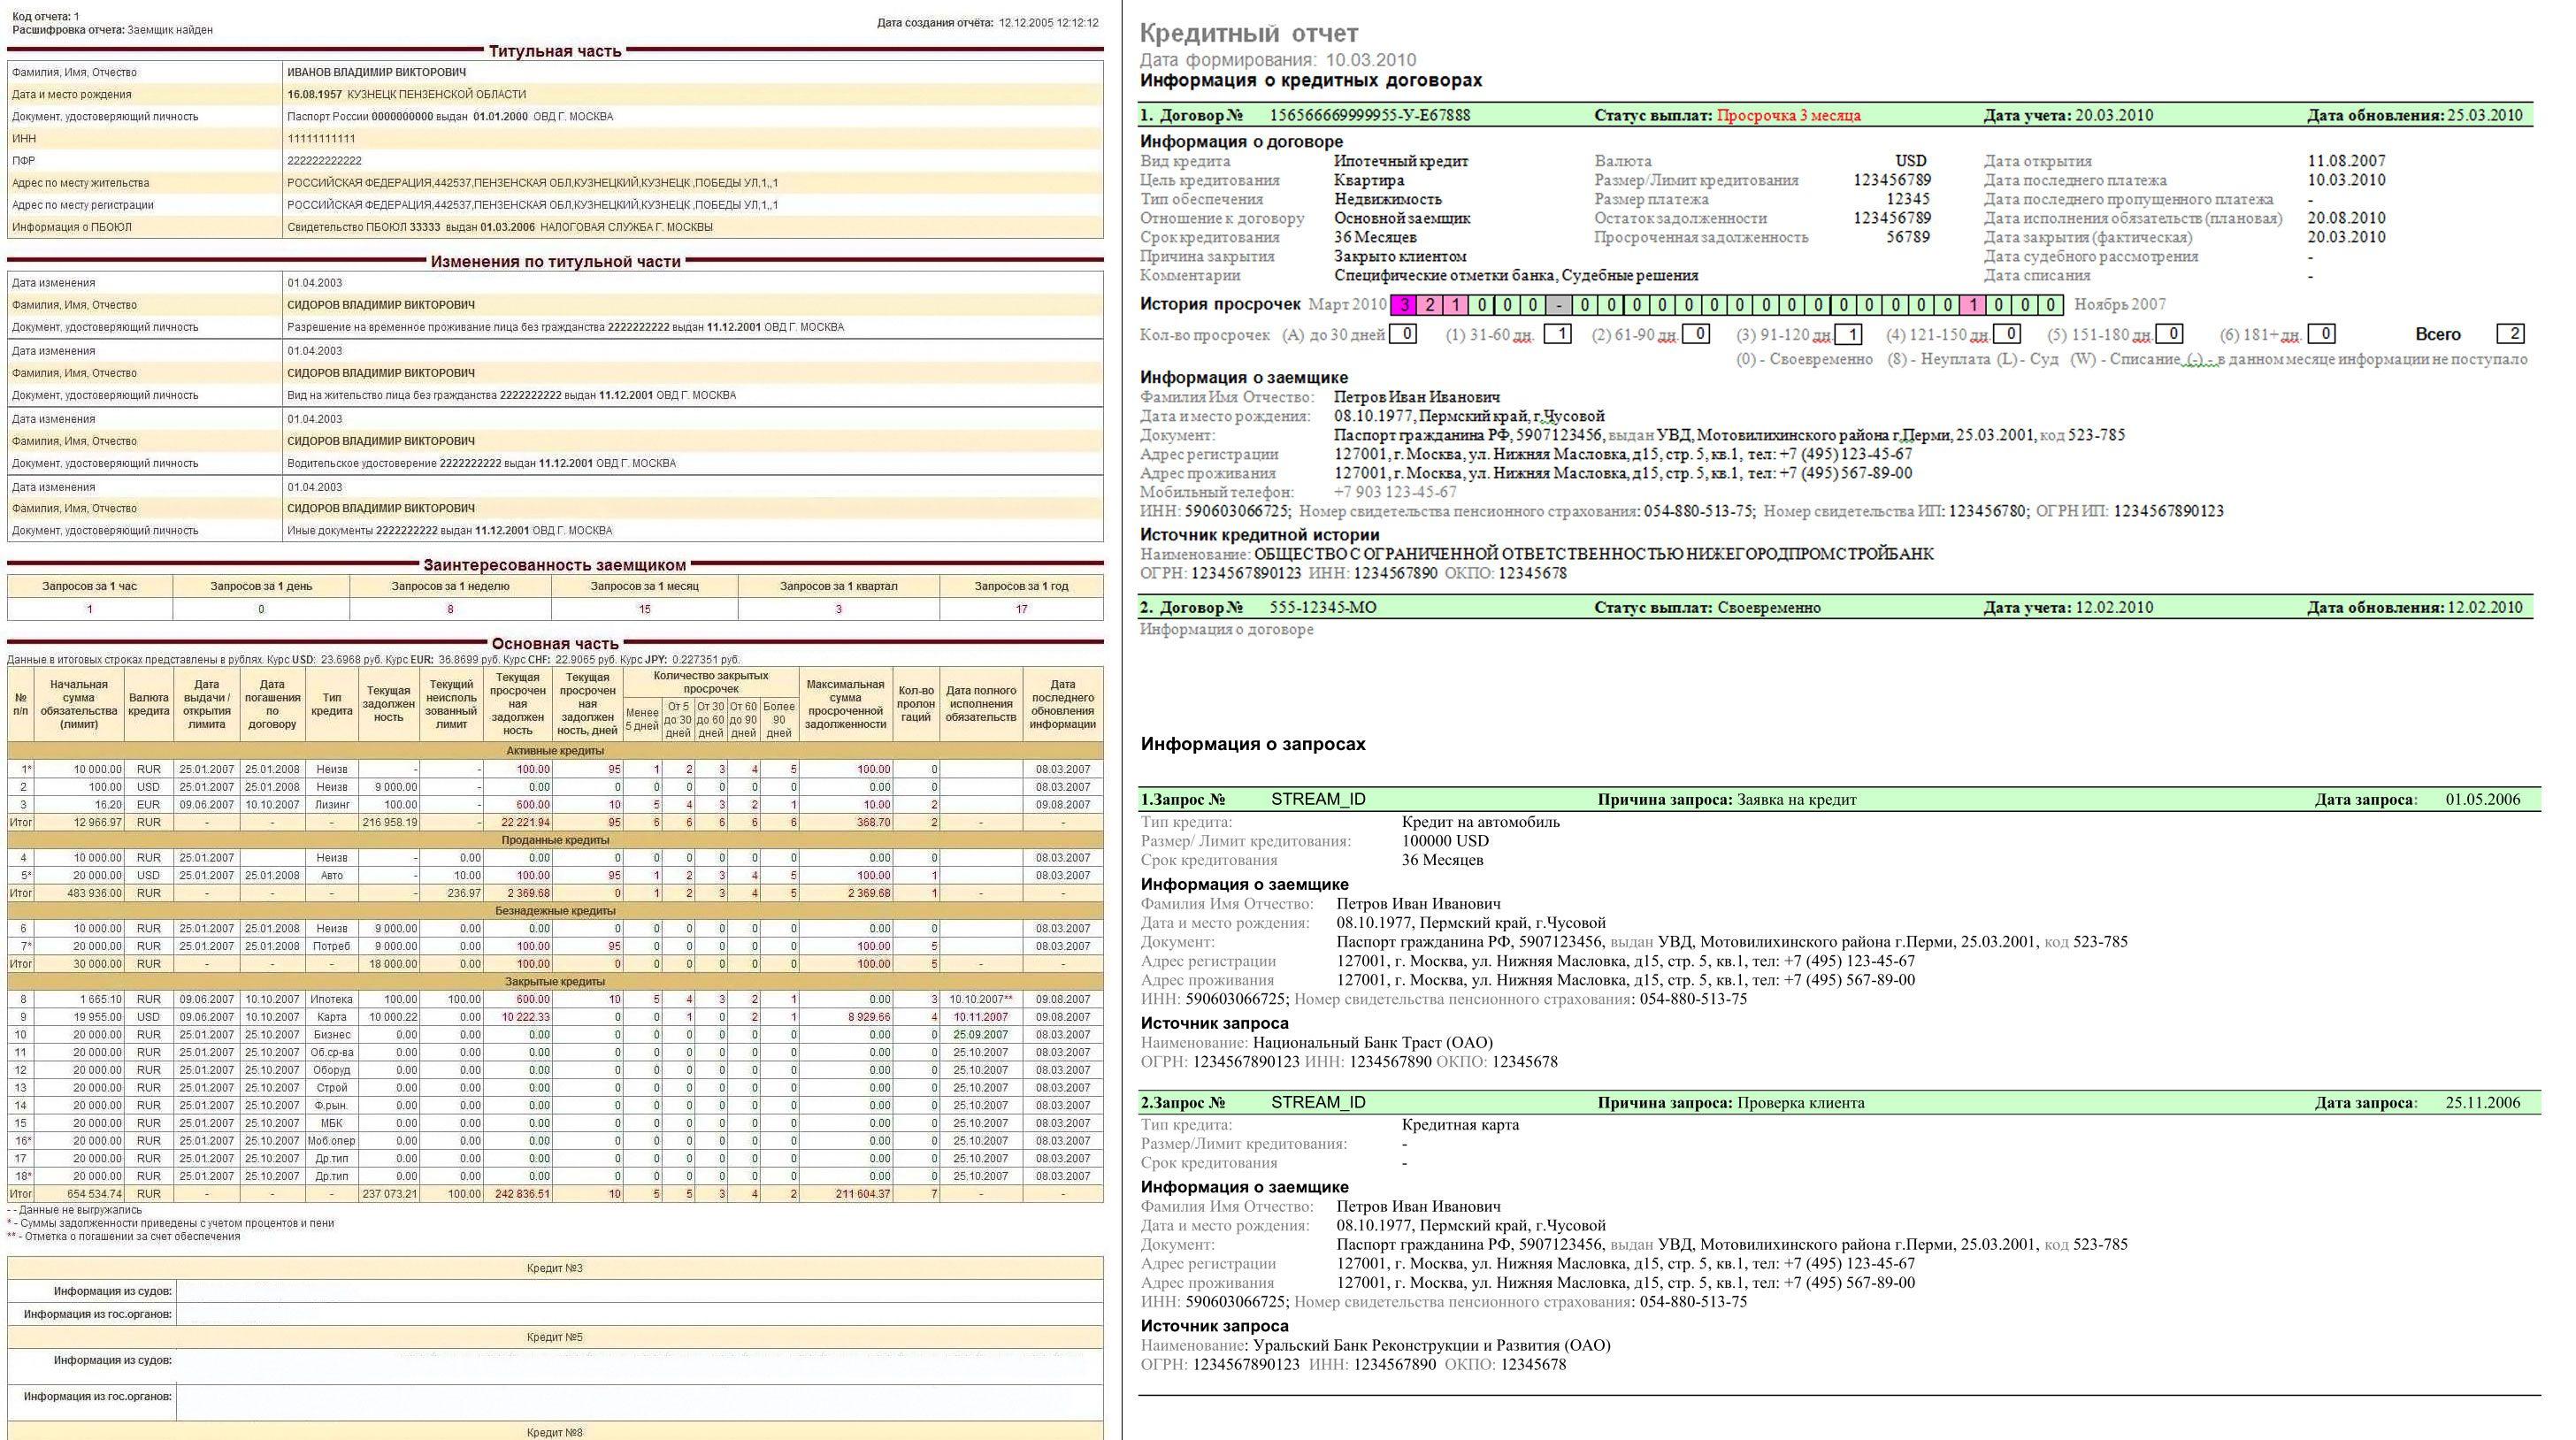 2 примера того, как выглядит кредитная история5c5b525b1d55d